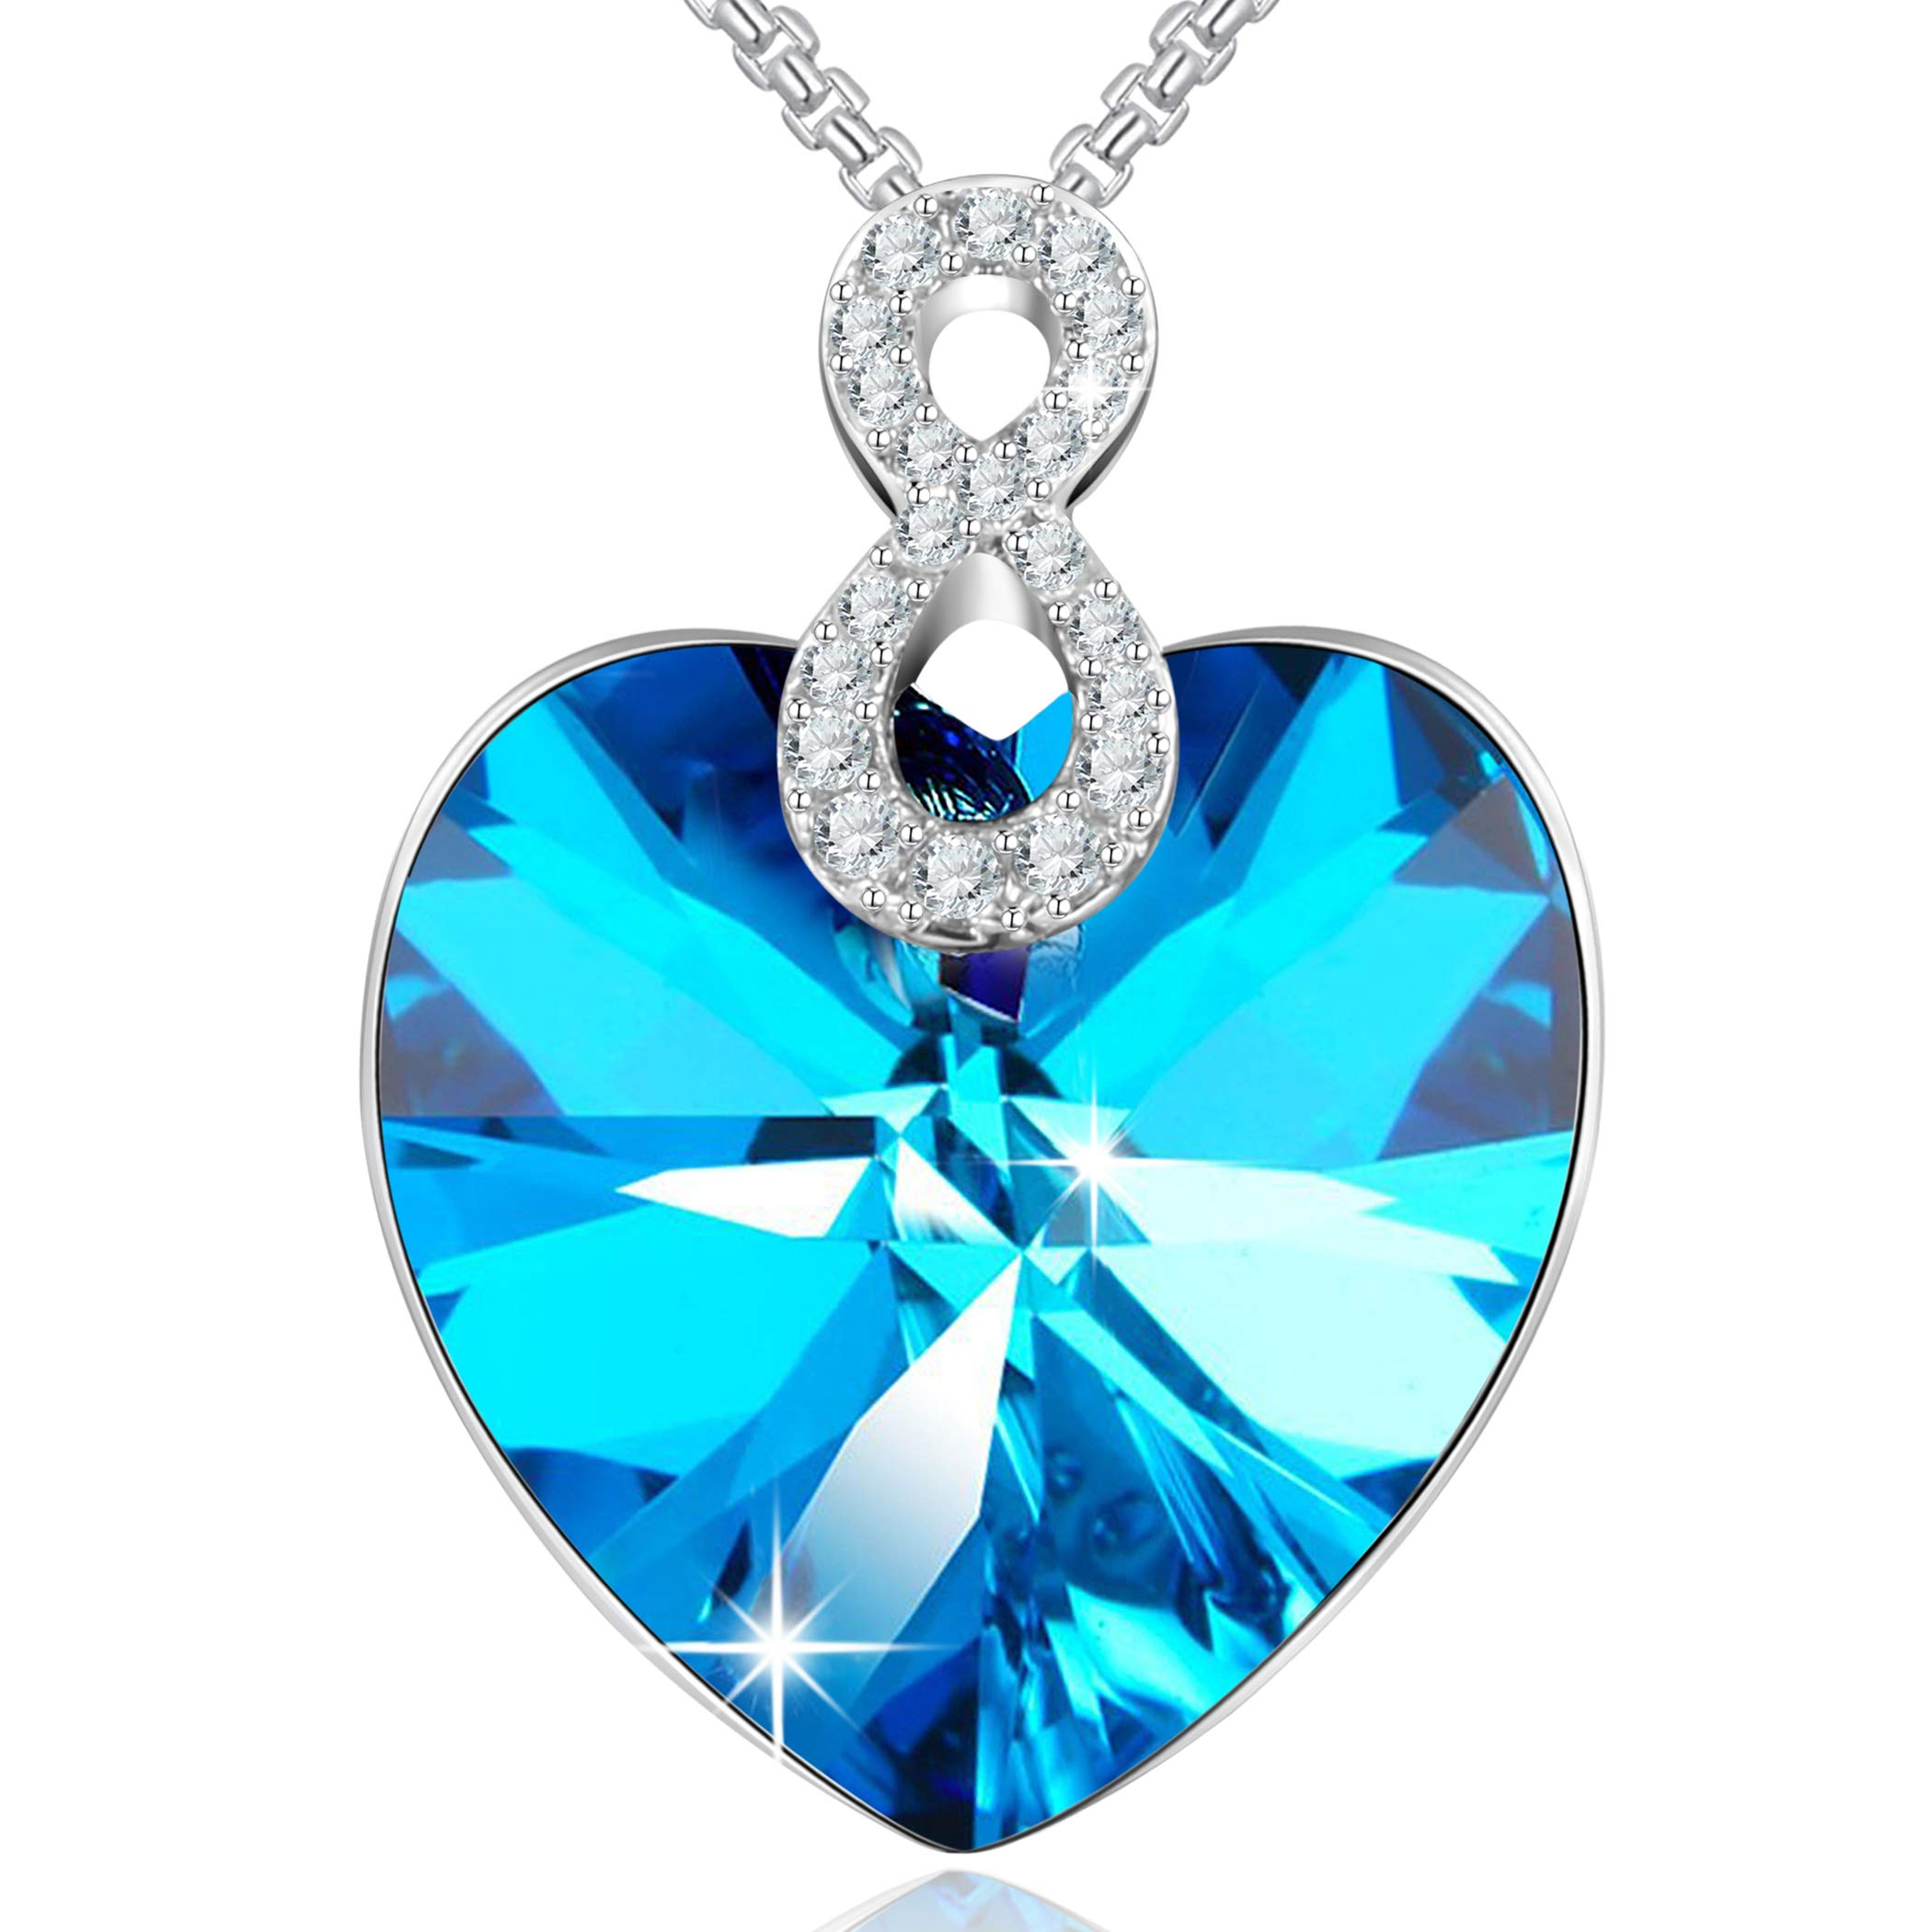 Angelady Collier femme Bijoux composés de cristaux SWAROVSKI Pendentif Idéal (9)